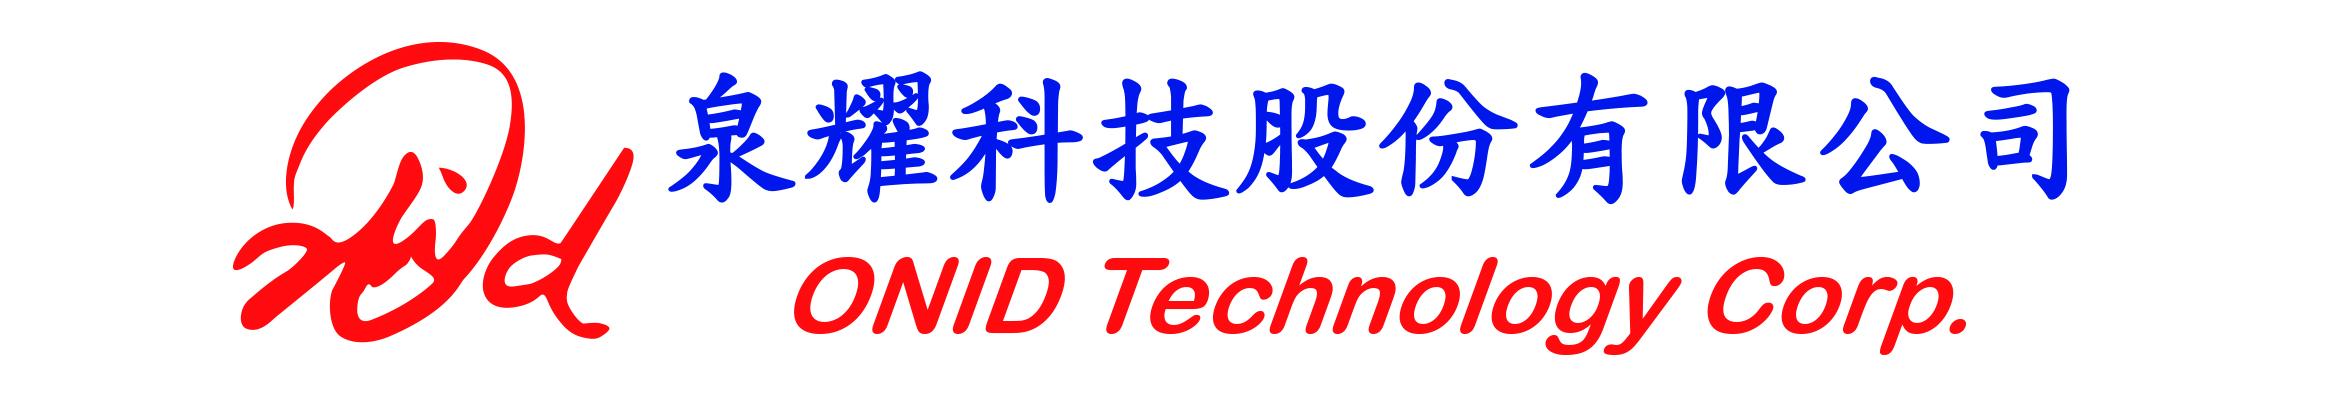 泉耀科技股份有限公司